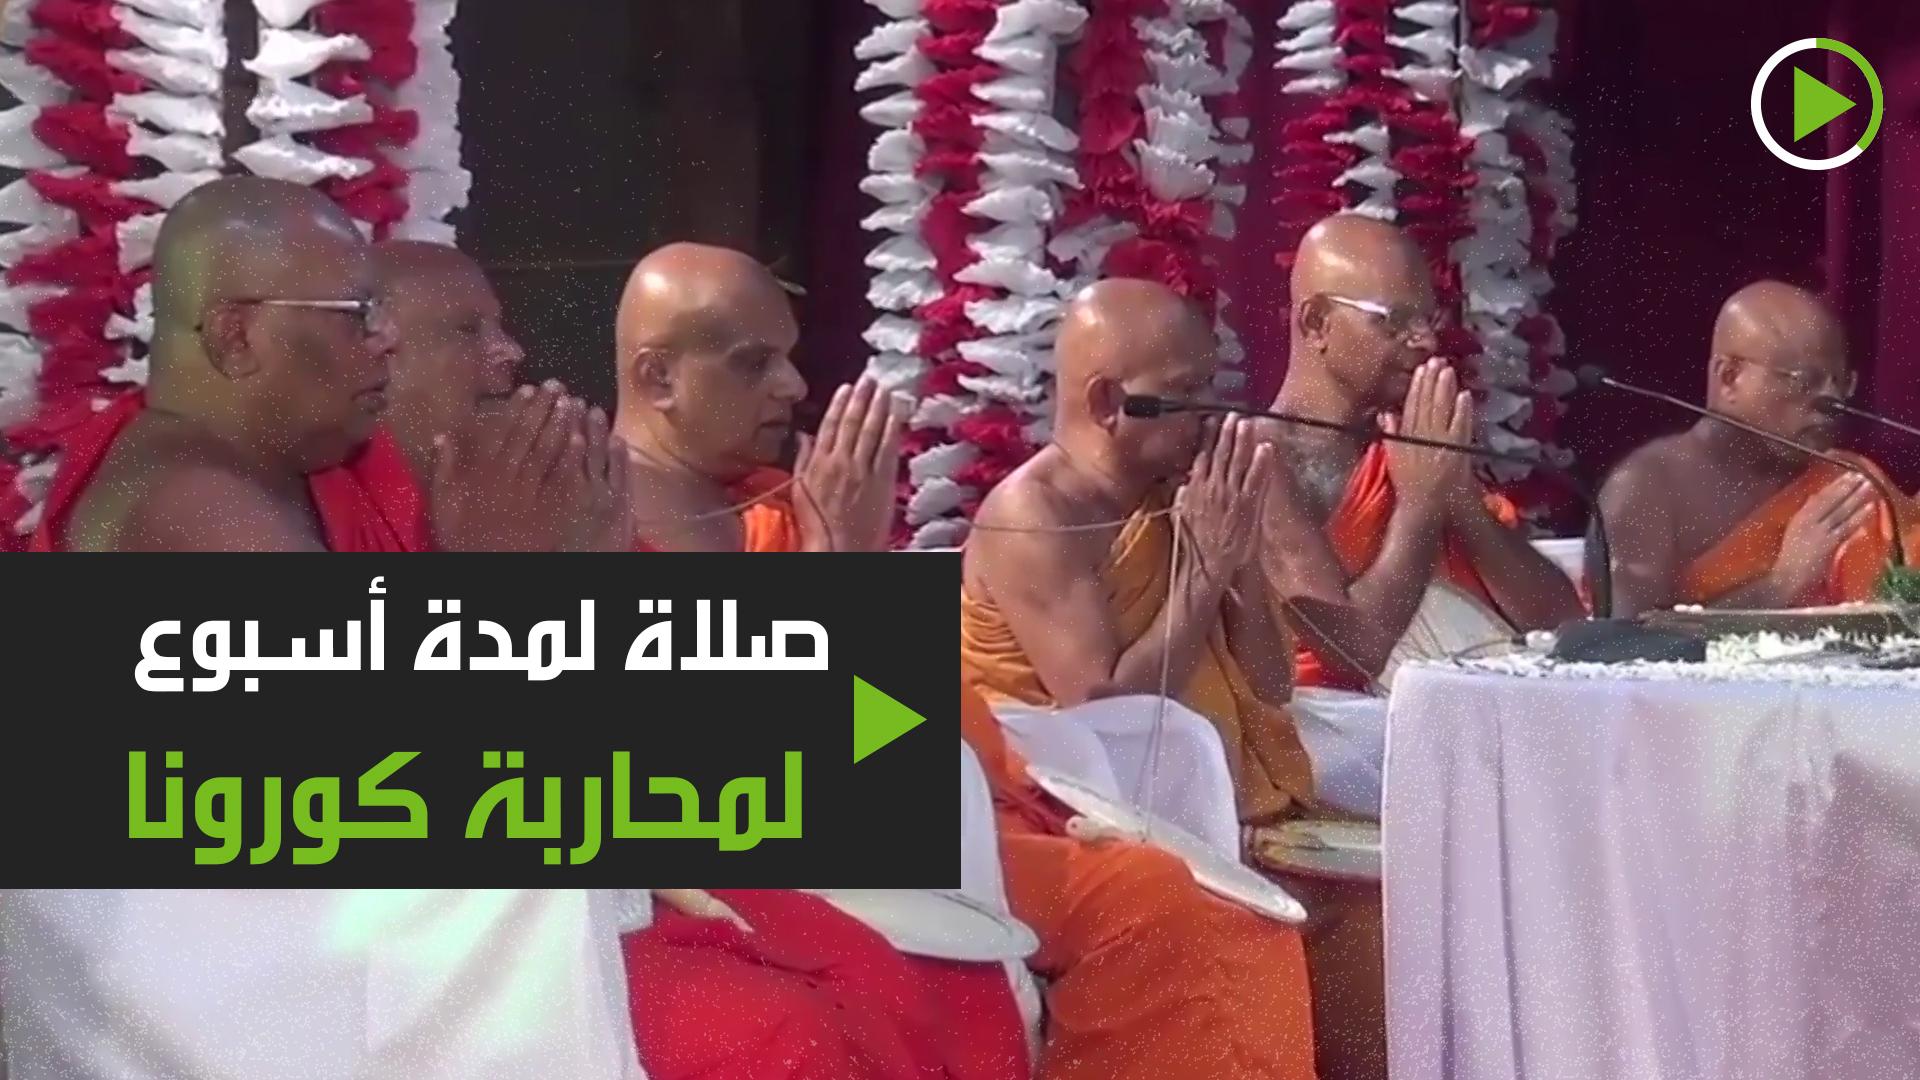 البوذيون يقيمون صلاة لمدة أسبوع لمحاربة فيروس كورونا